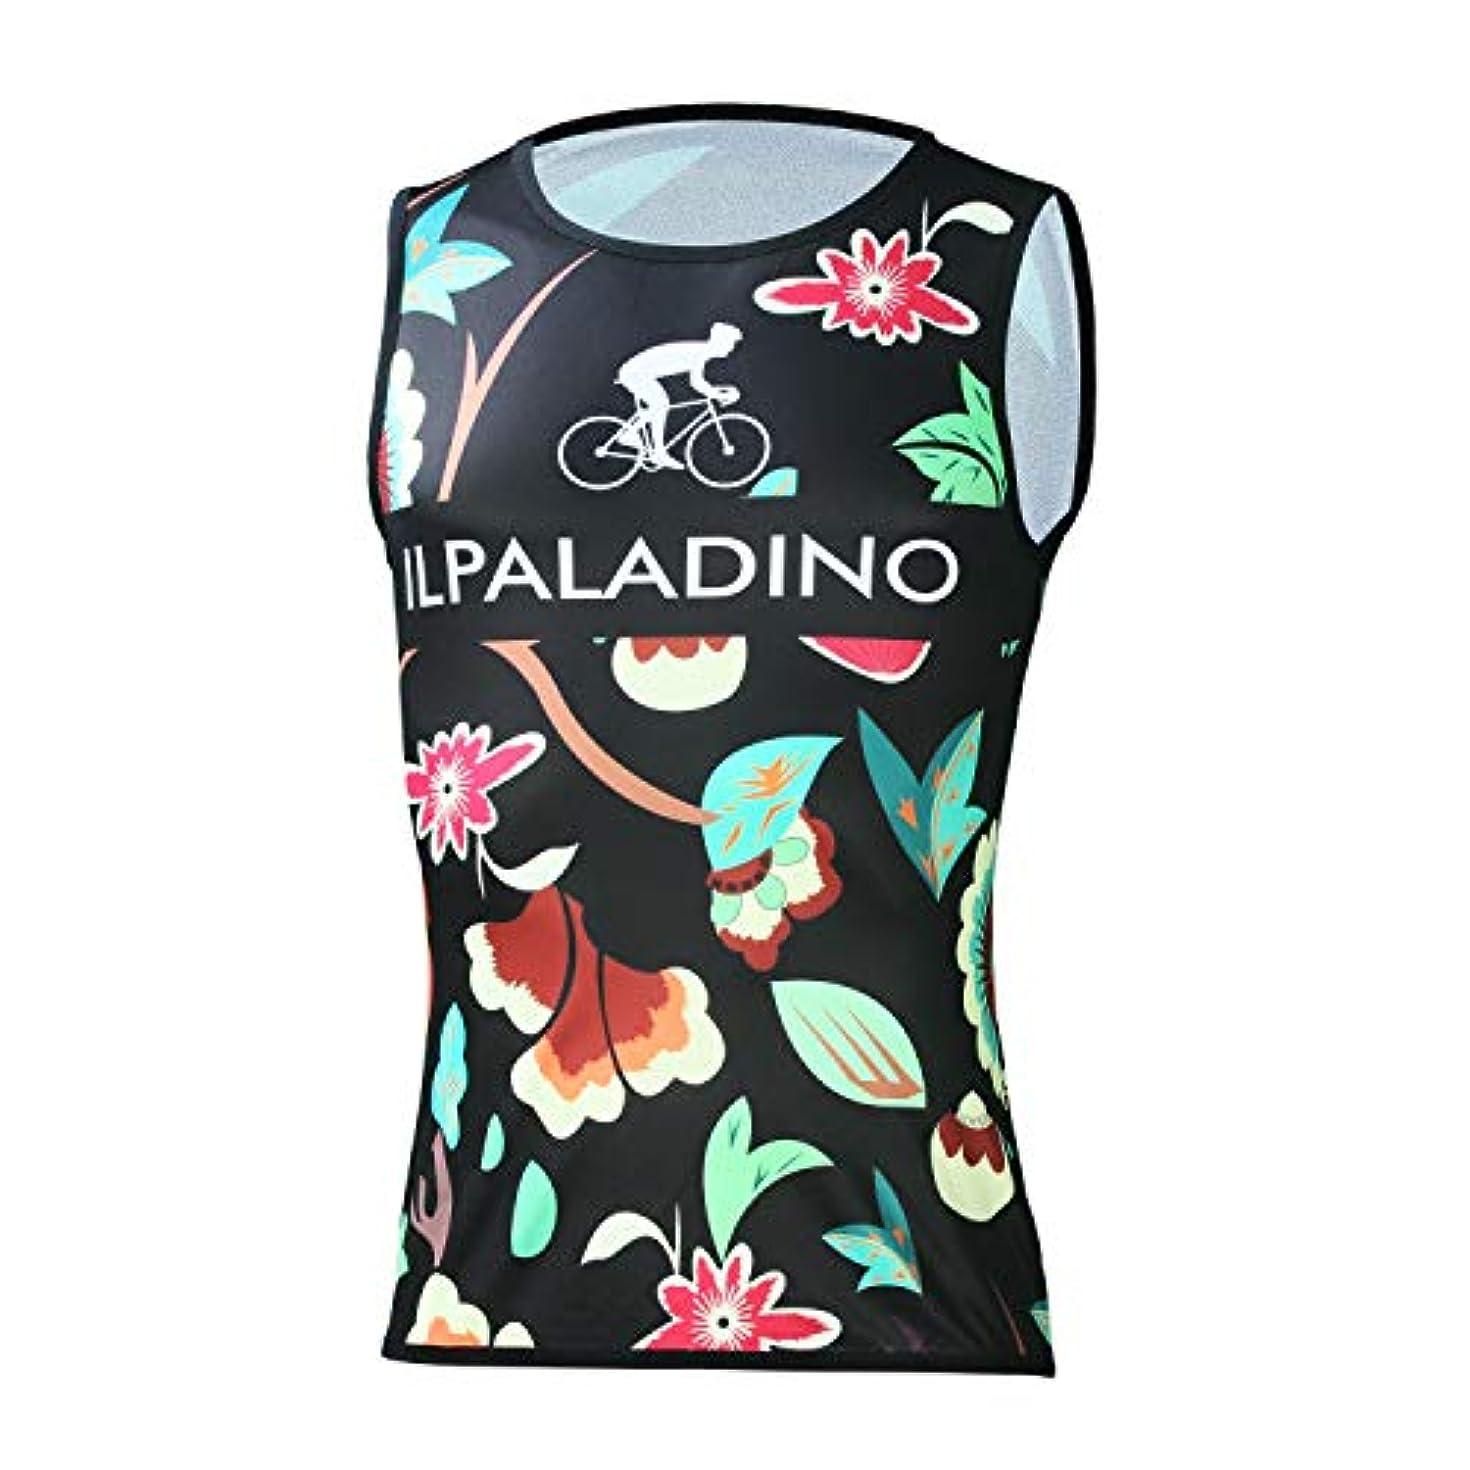 空洞超越する誘惑するサイクルジャージ レディース コンプレッションシャツ 自転車 ボタニカルプリント 通気 袖なし 吸汗速乾 レーサーウェア 春夏秋用 3D立体 通気性 アウトドア フィットネス 大きいサイズ 黒 赤